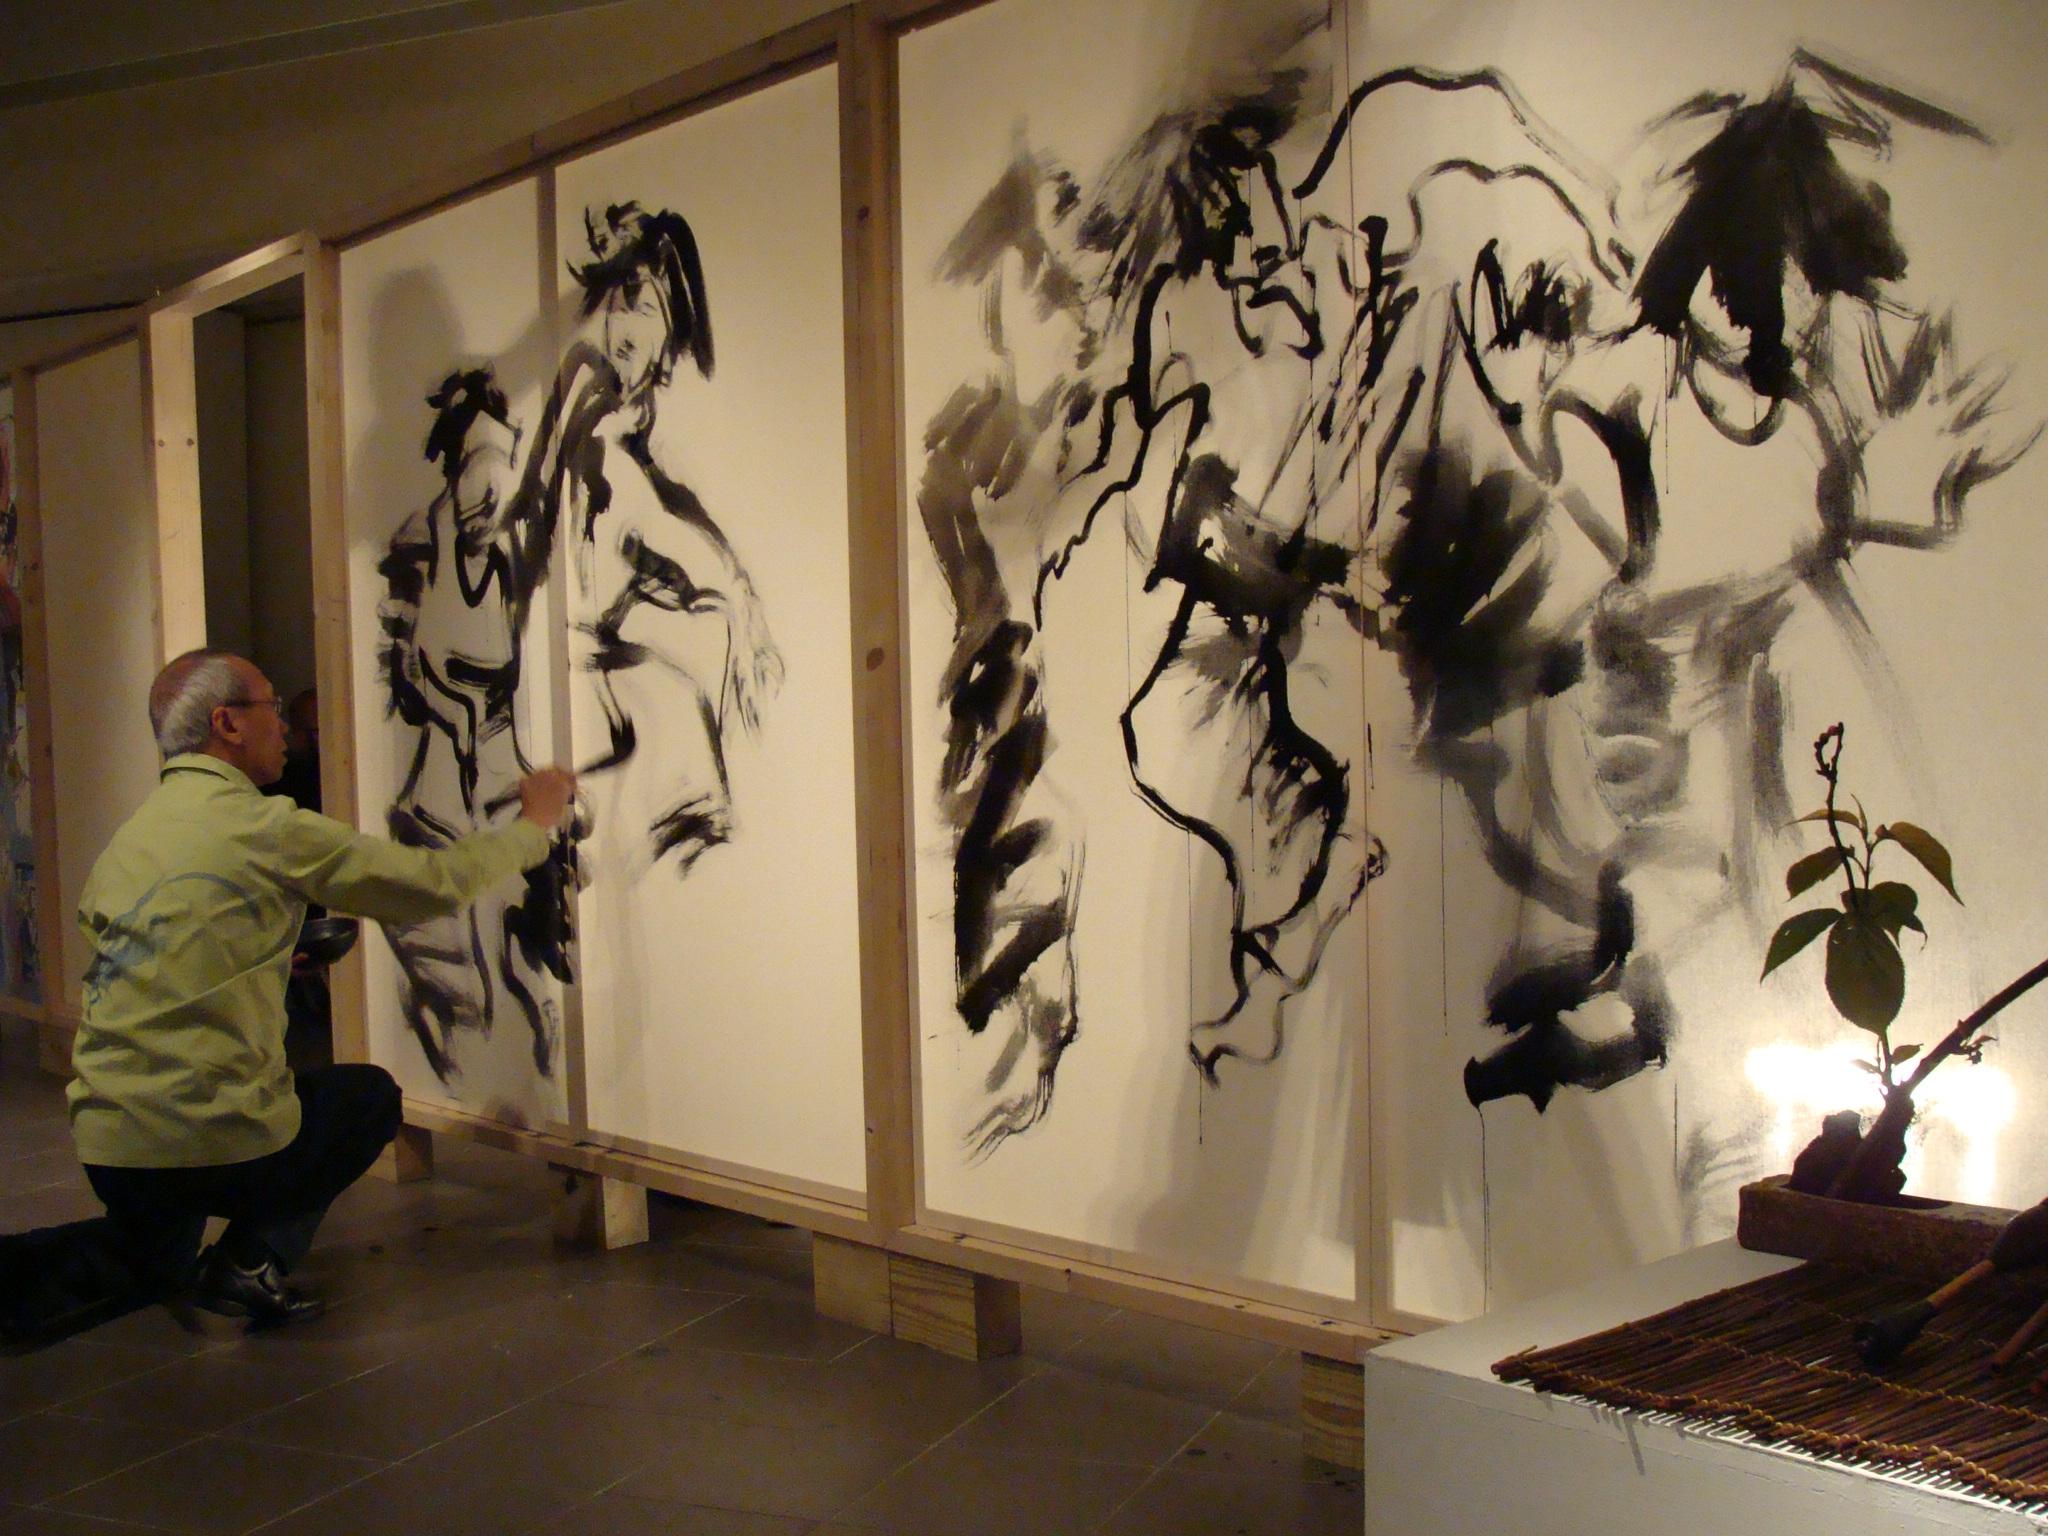 中原大學胡寶林「筆舞江湖」 現代嘻哈舞與傳統水墨畫迸出火花